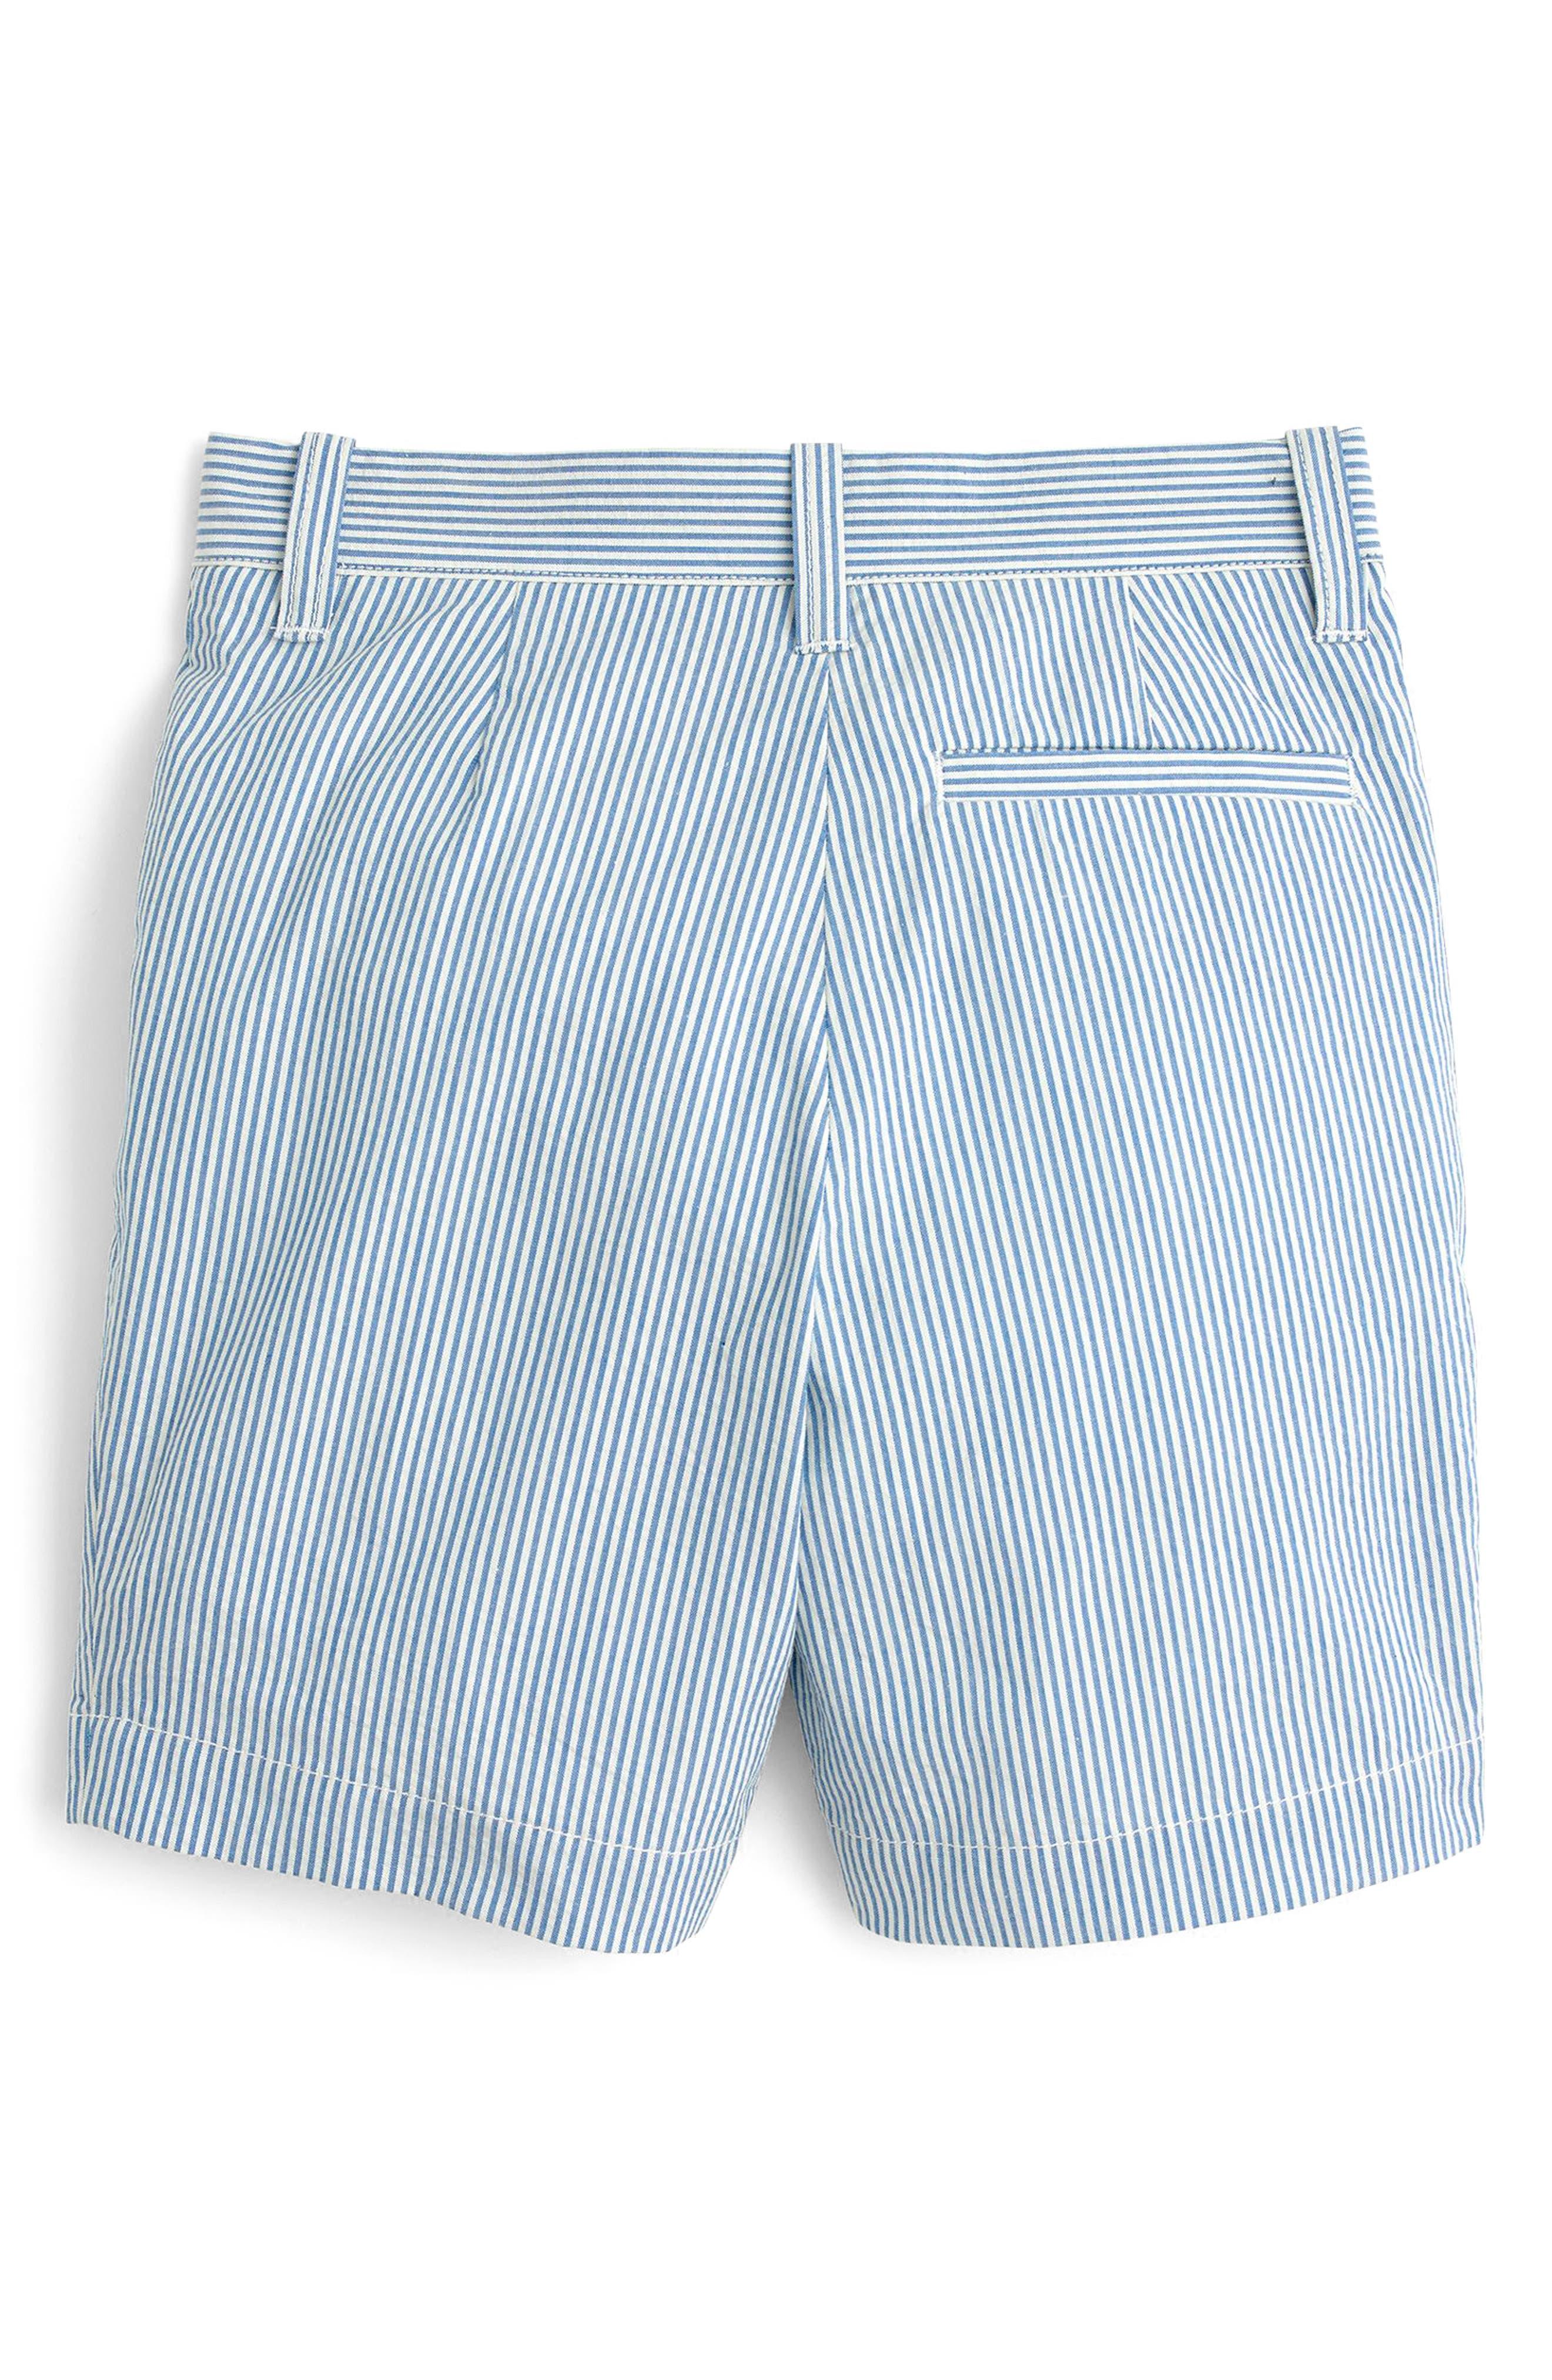 Seersucker Shorts,                             Alternate thumbnail 2, color,                             Crisp Azure White